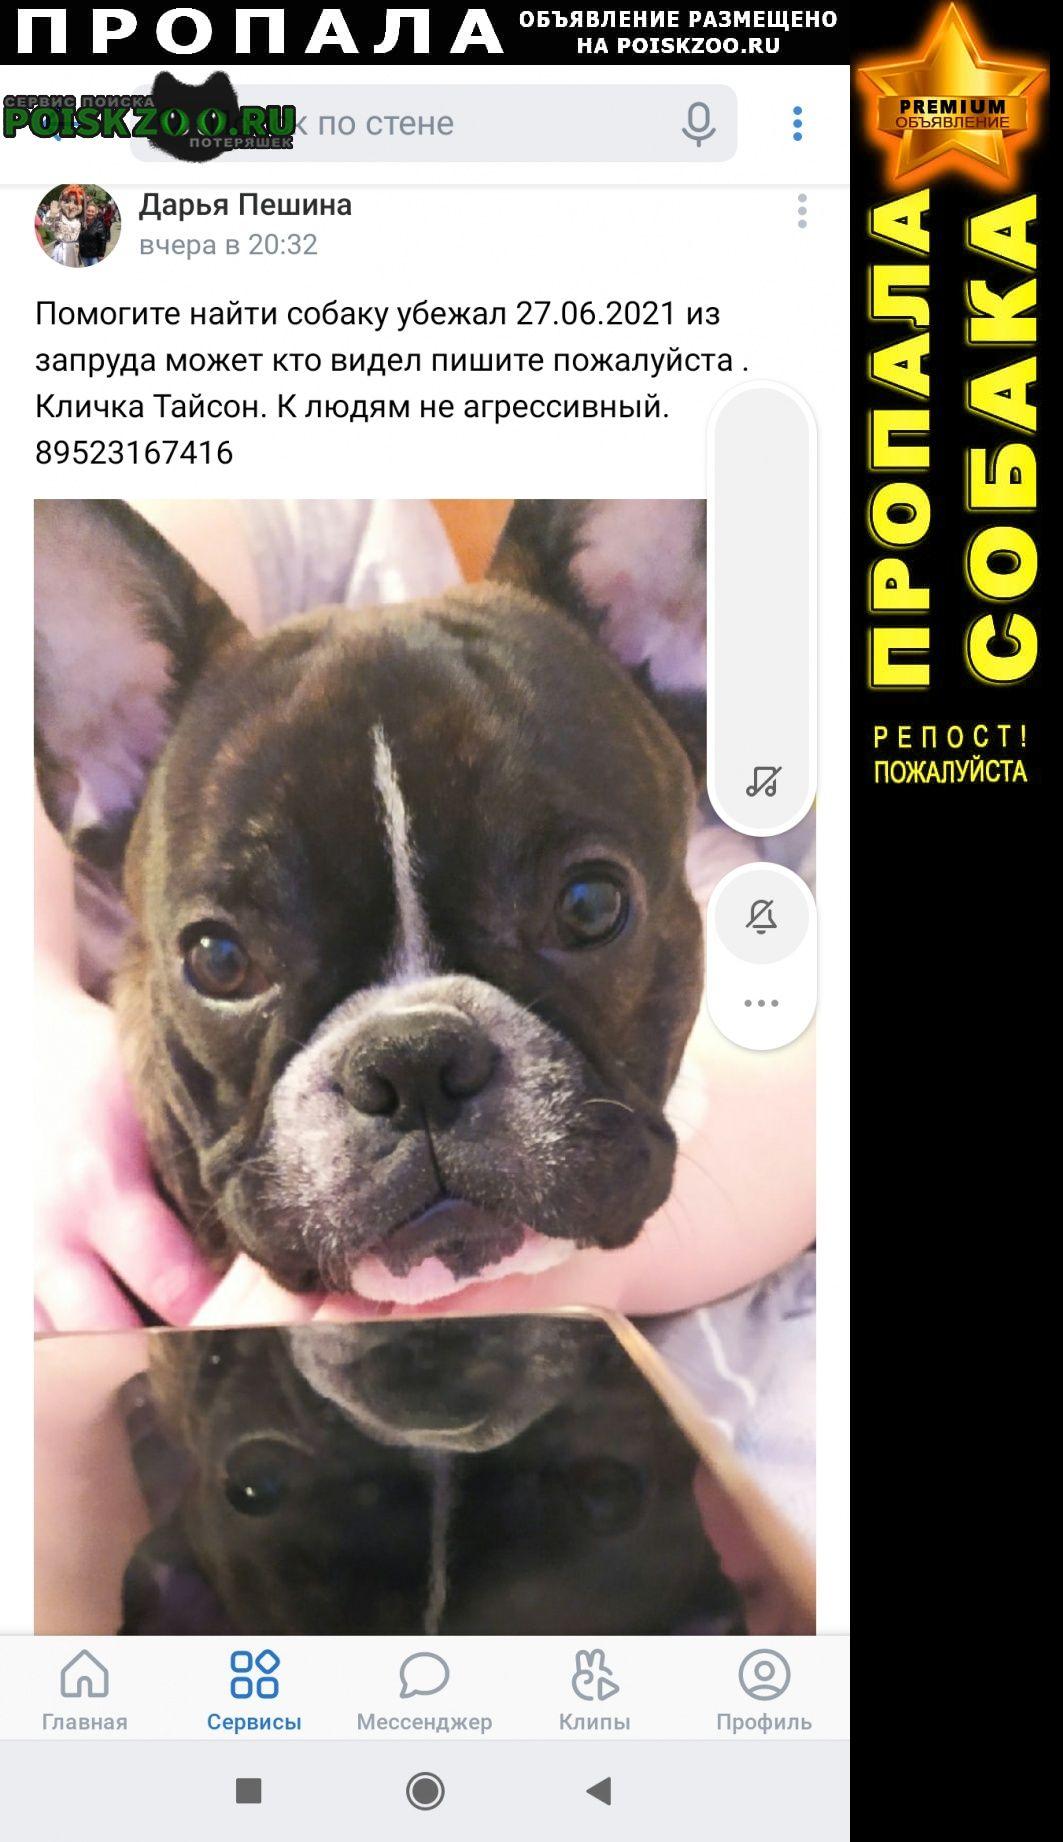 Пропала собака кобель Пермь